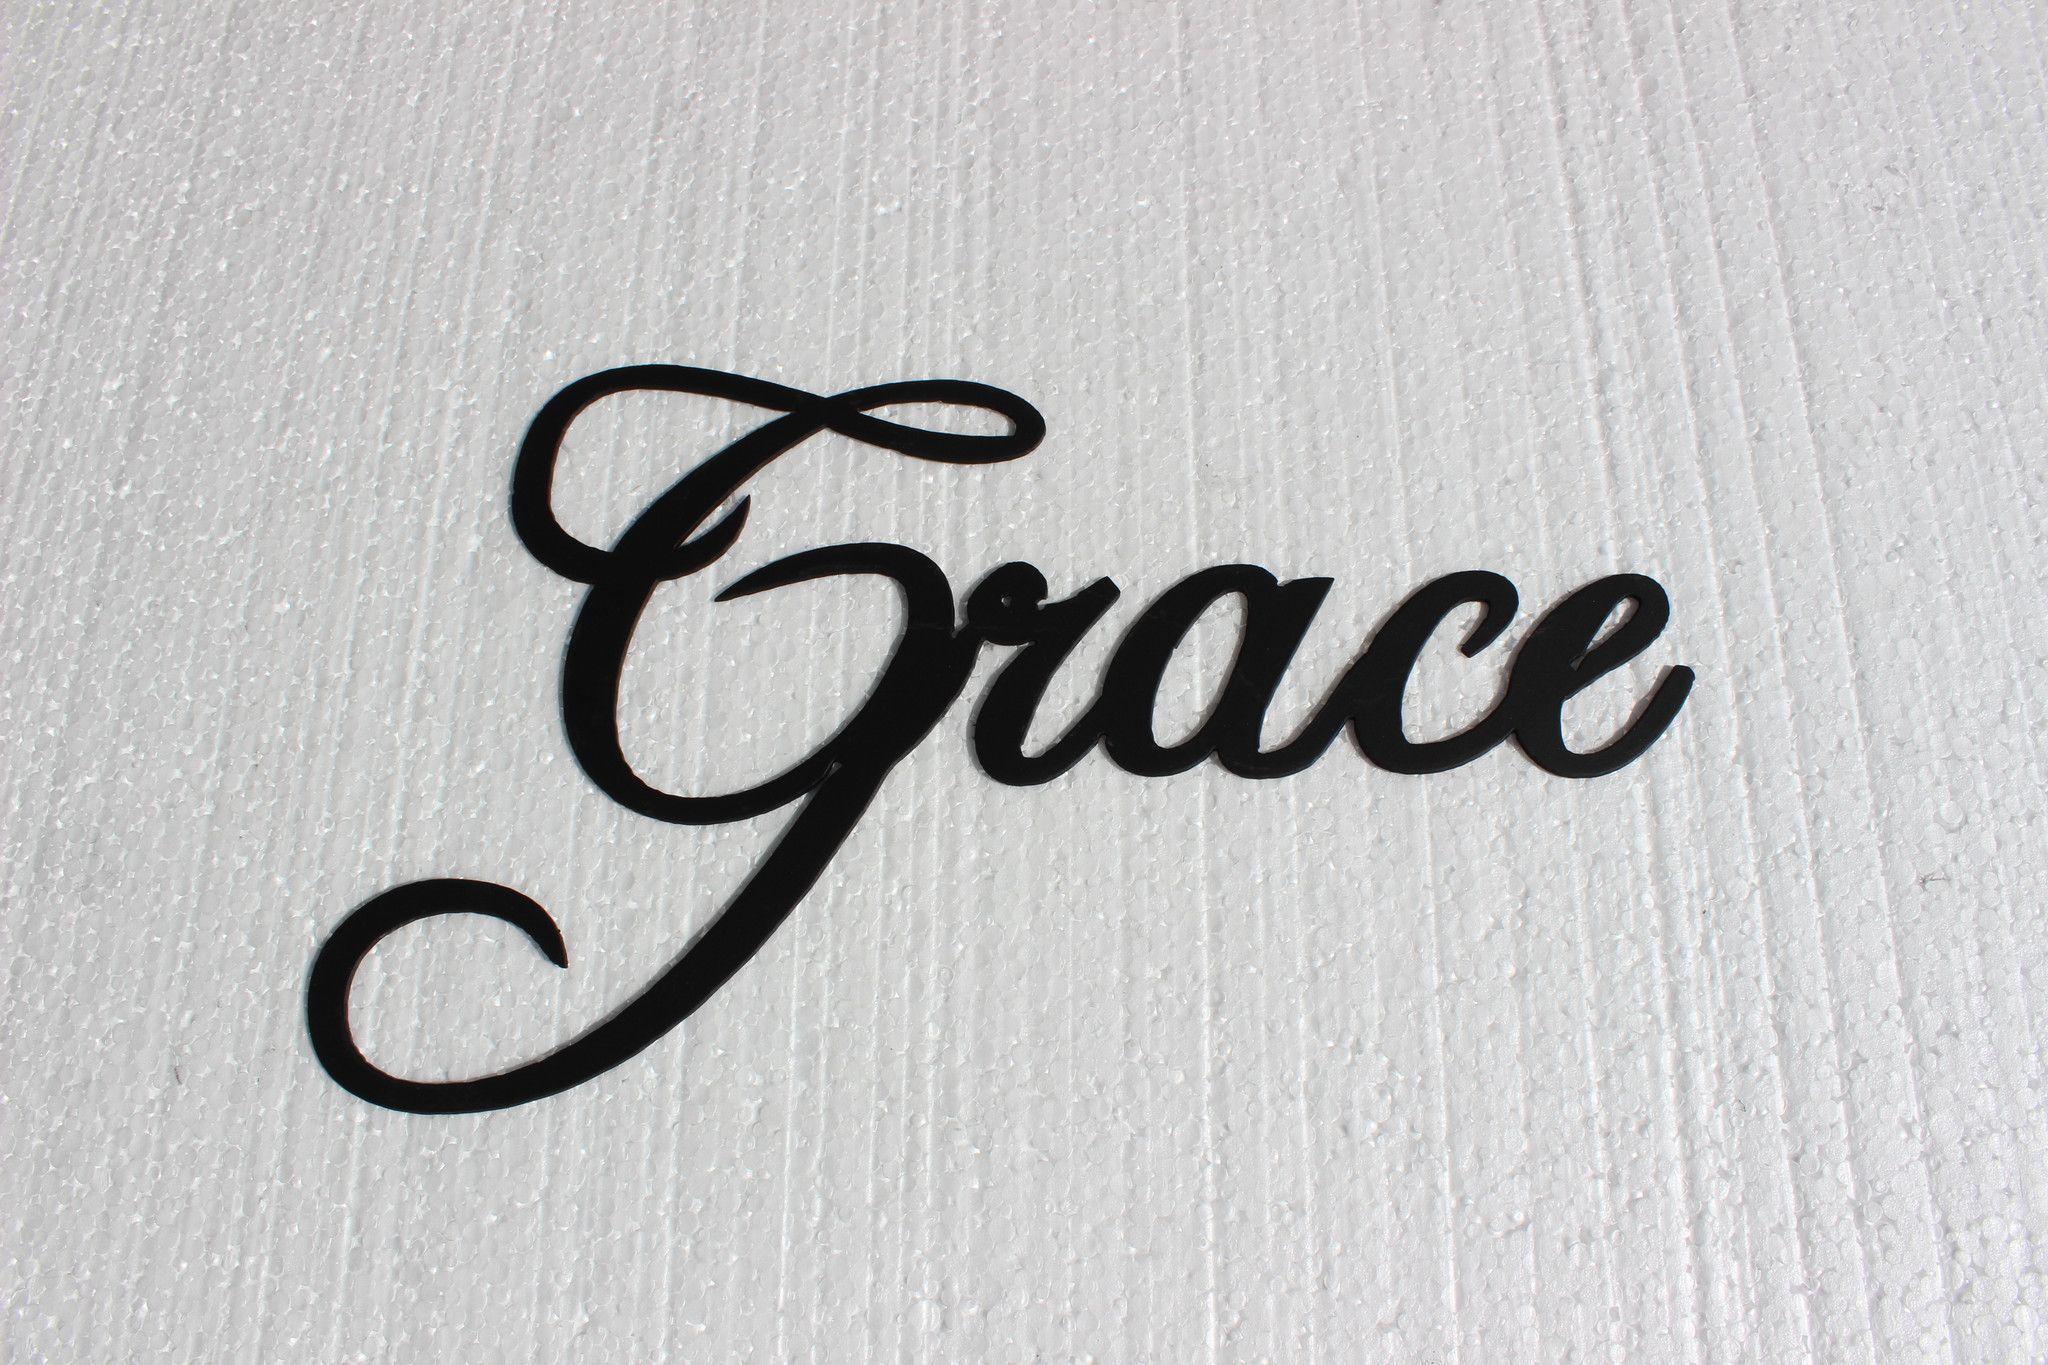 Grace Word Fancy Script Font Metal Wall Art Home Decor